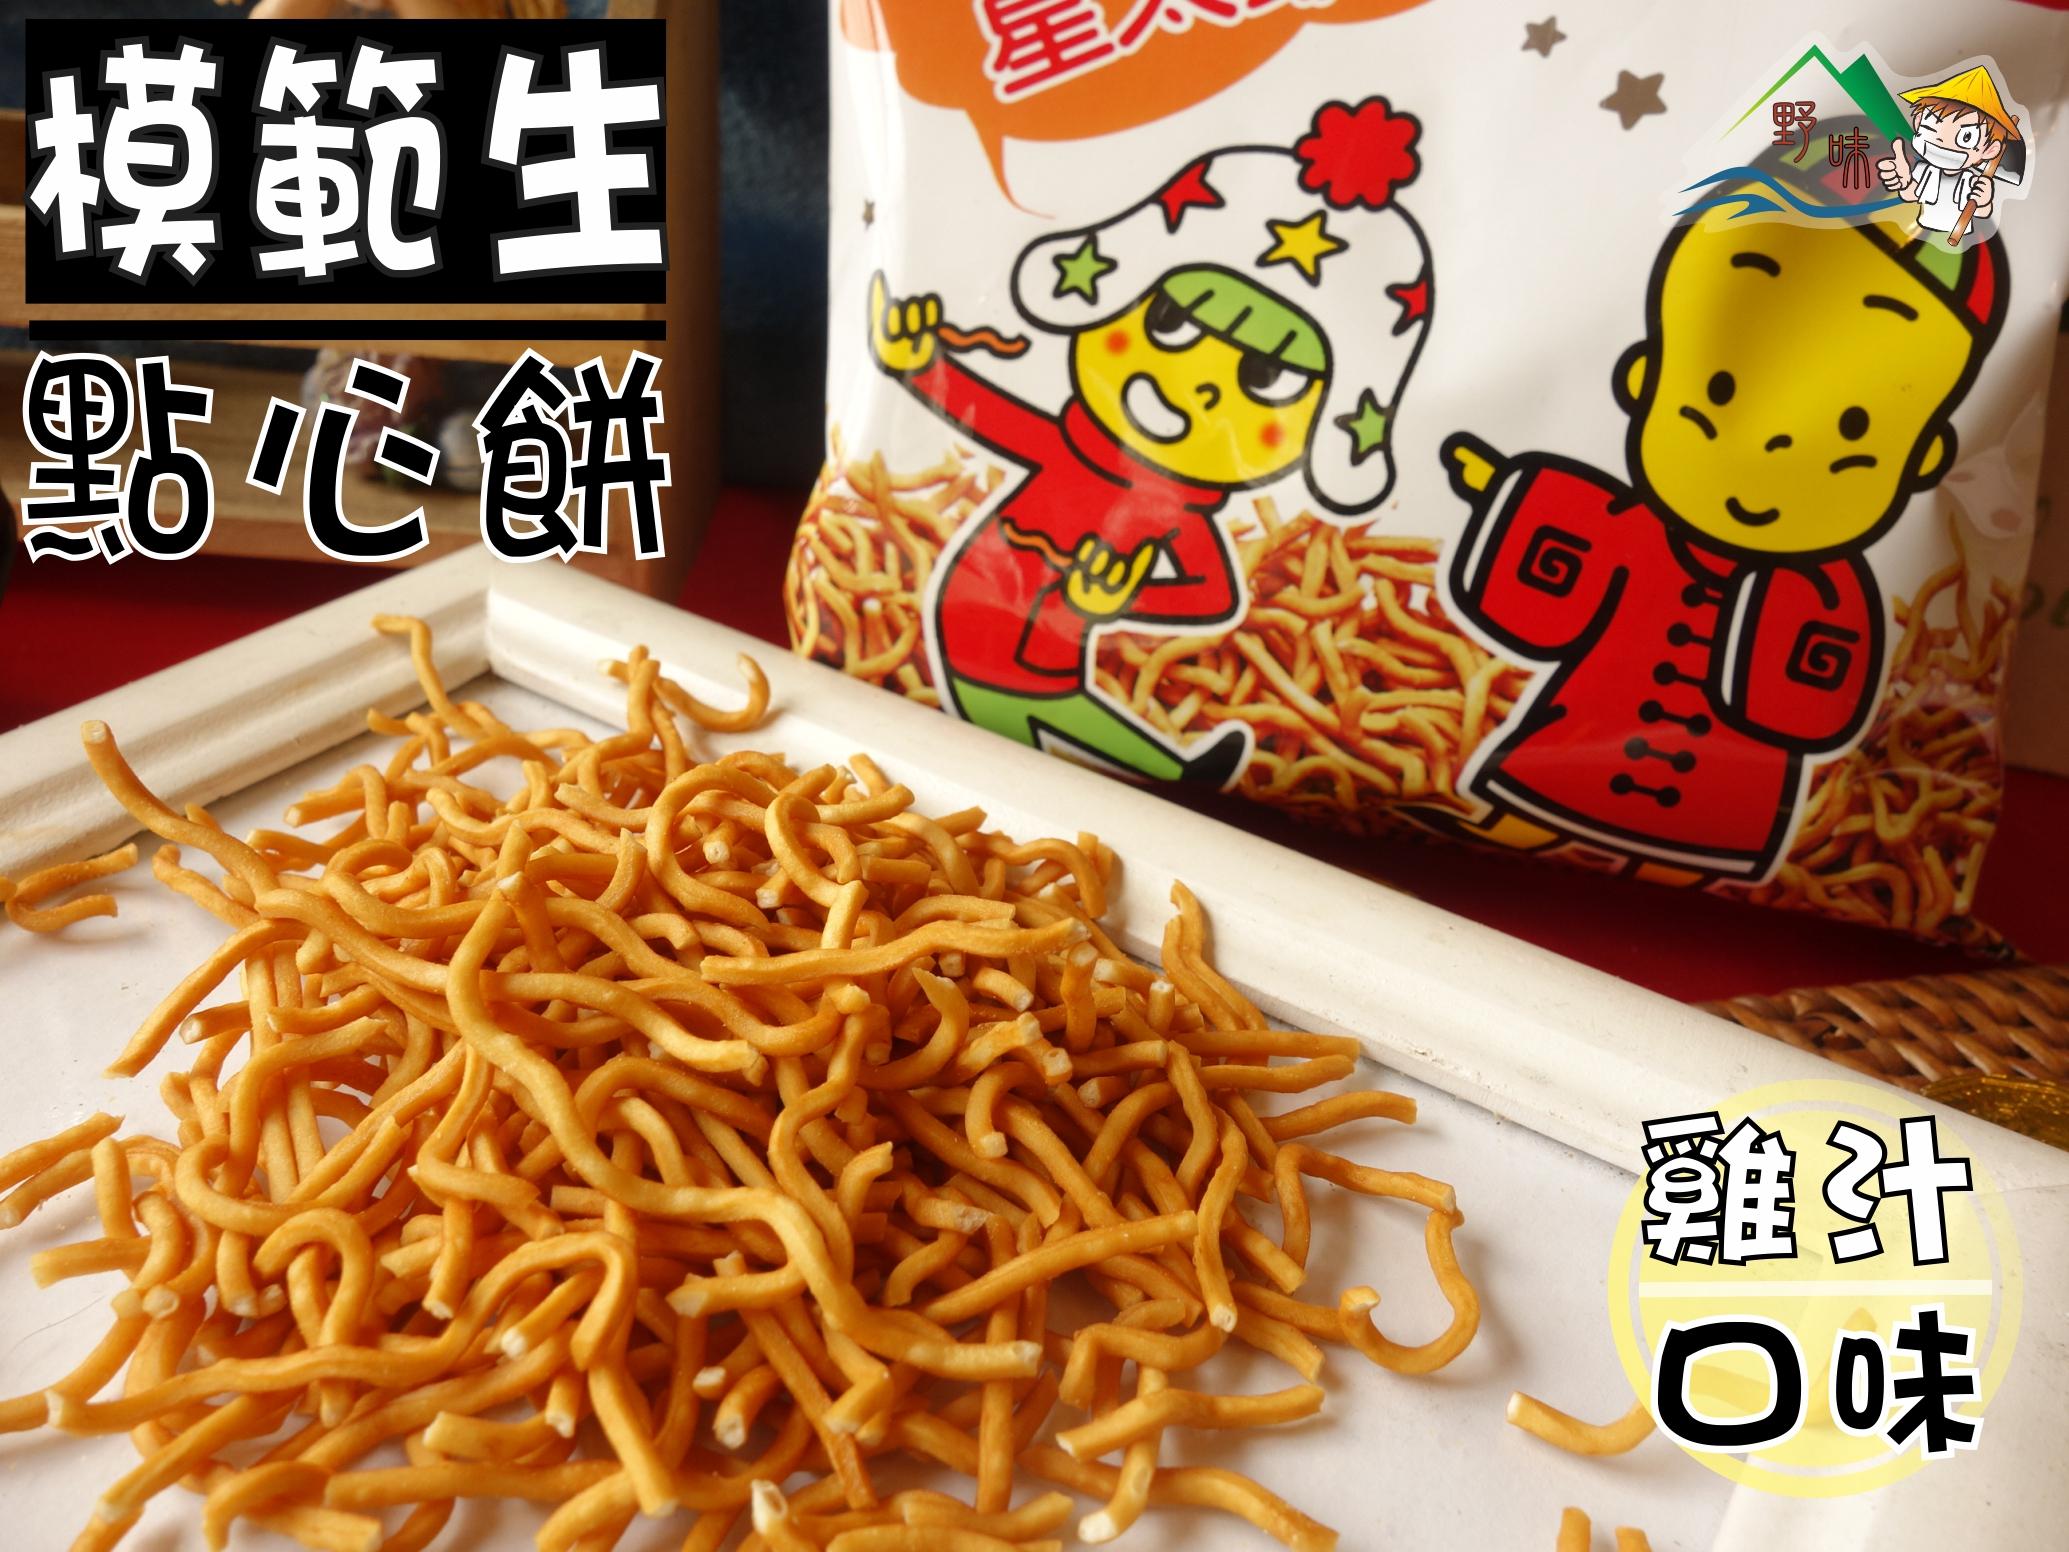 【野味食品】OYATSU 優雅食點心麵-雞汁口味(88g)(桃園實體店面出貨)模範生點心麵,模範生點心餅乾,雞汁麵